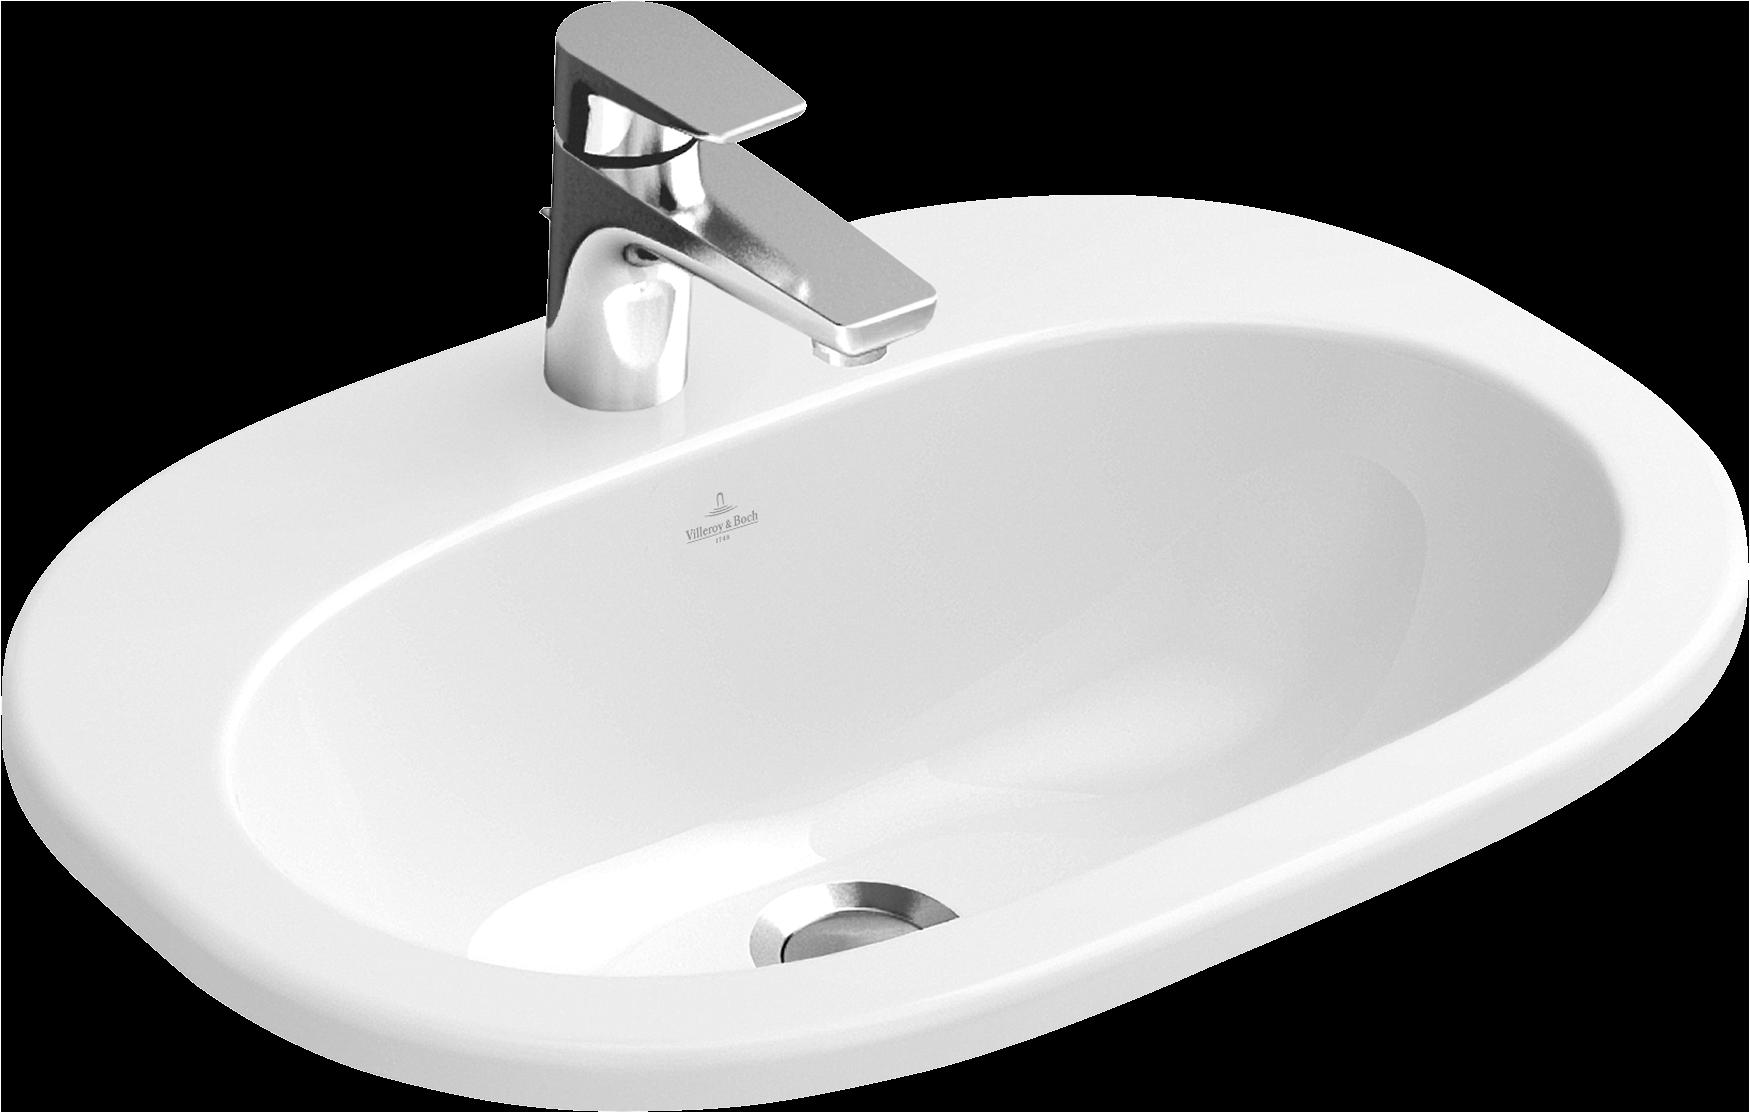 lavabo da incasso ovale